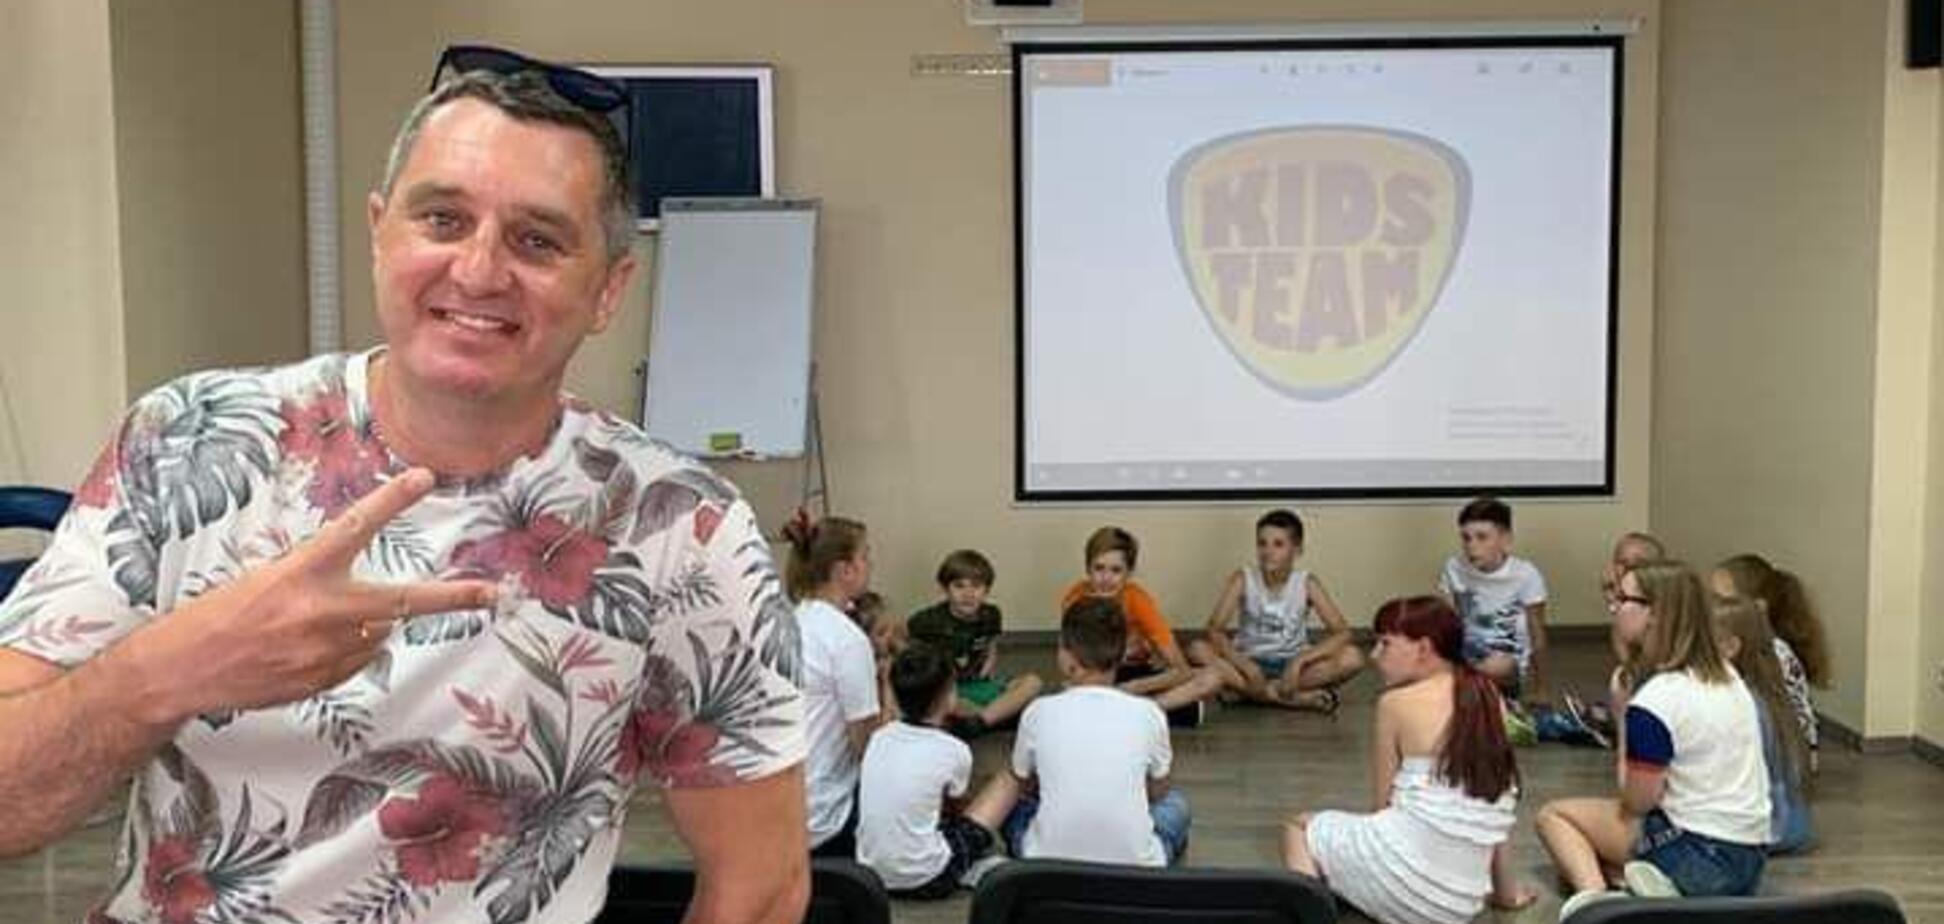 У Києві пройде сімейний фестиваль 'Тато FEST' від Дяді Жори